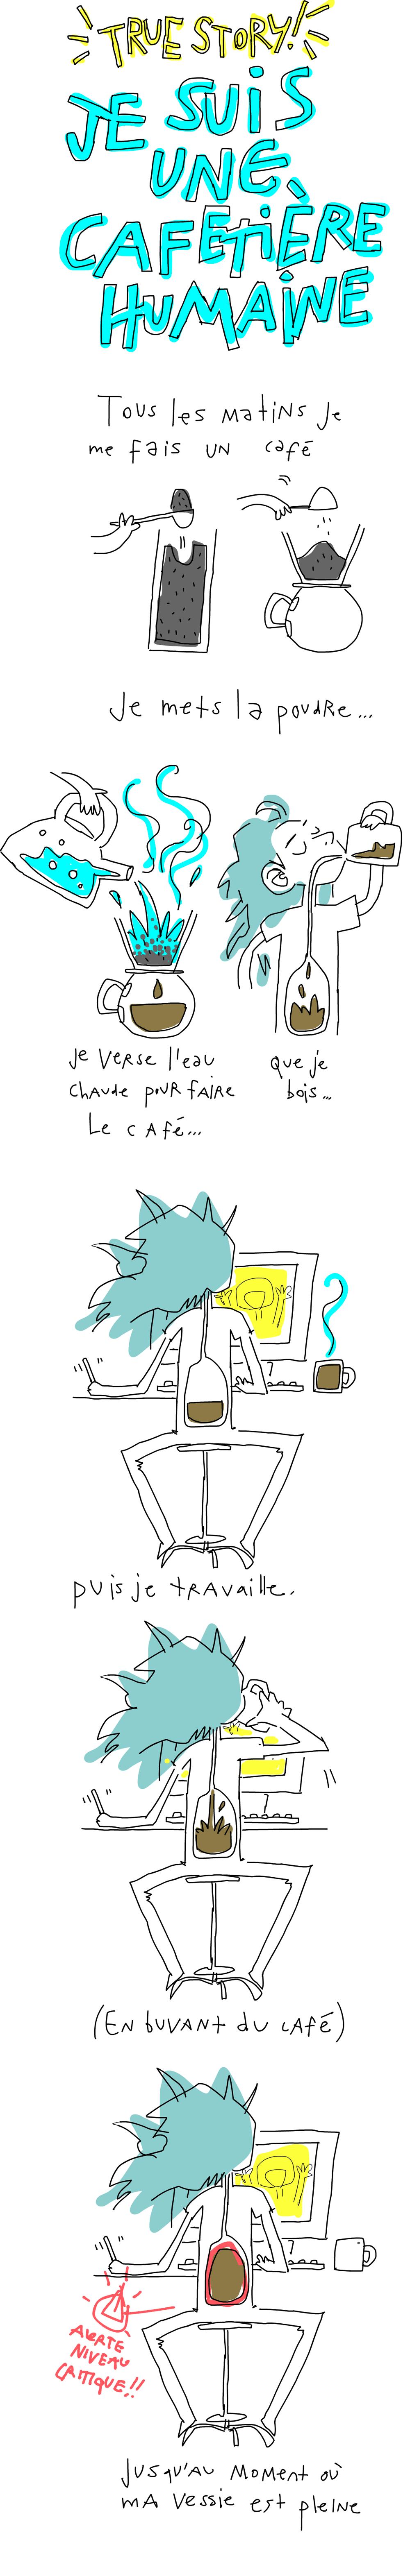 Je suis une cafetière humaine. Tous les matins je me fais un café. Je mets la poudre, je verse l'eau chaude, je bois. Pus je travaille, en buvant du café, jusqu'au moment ou ma vessie est pleine